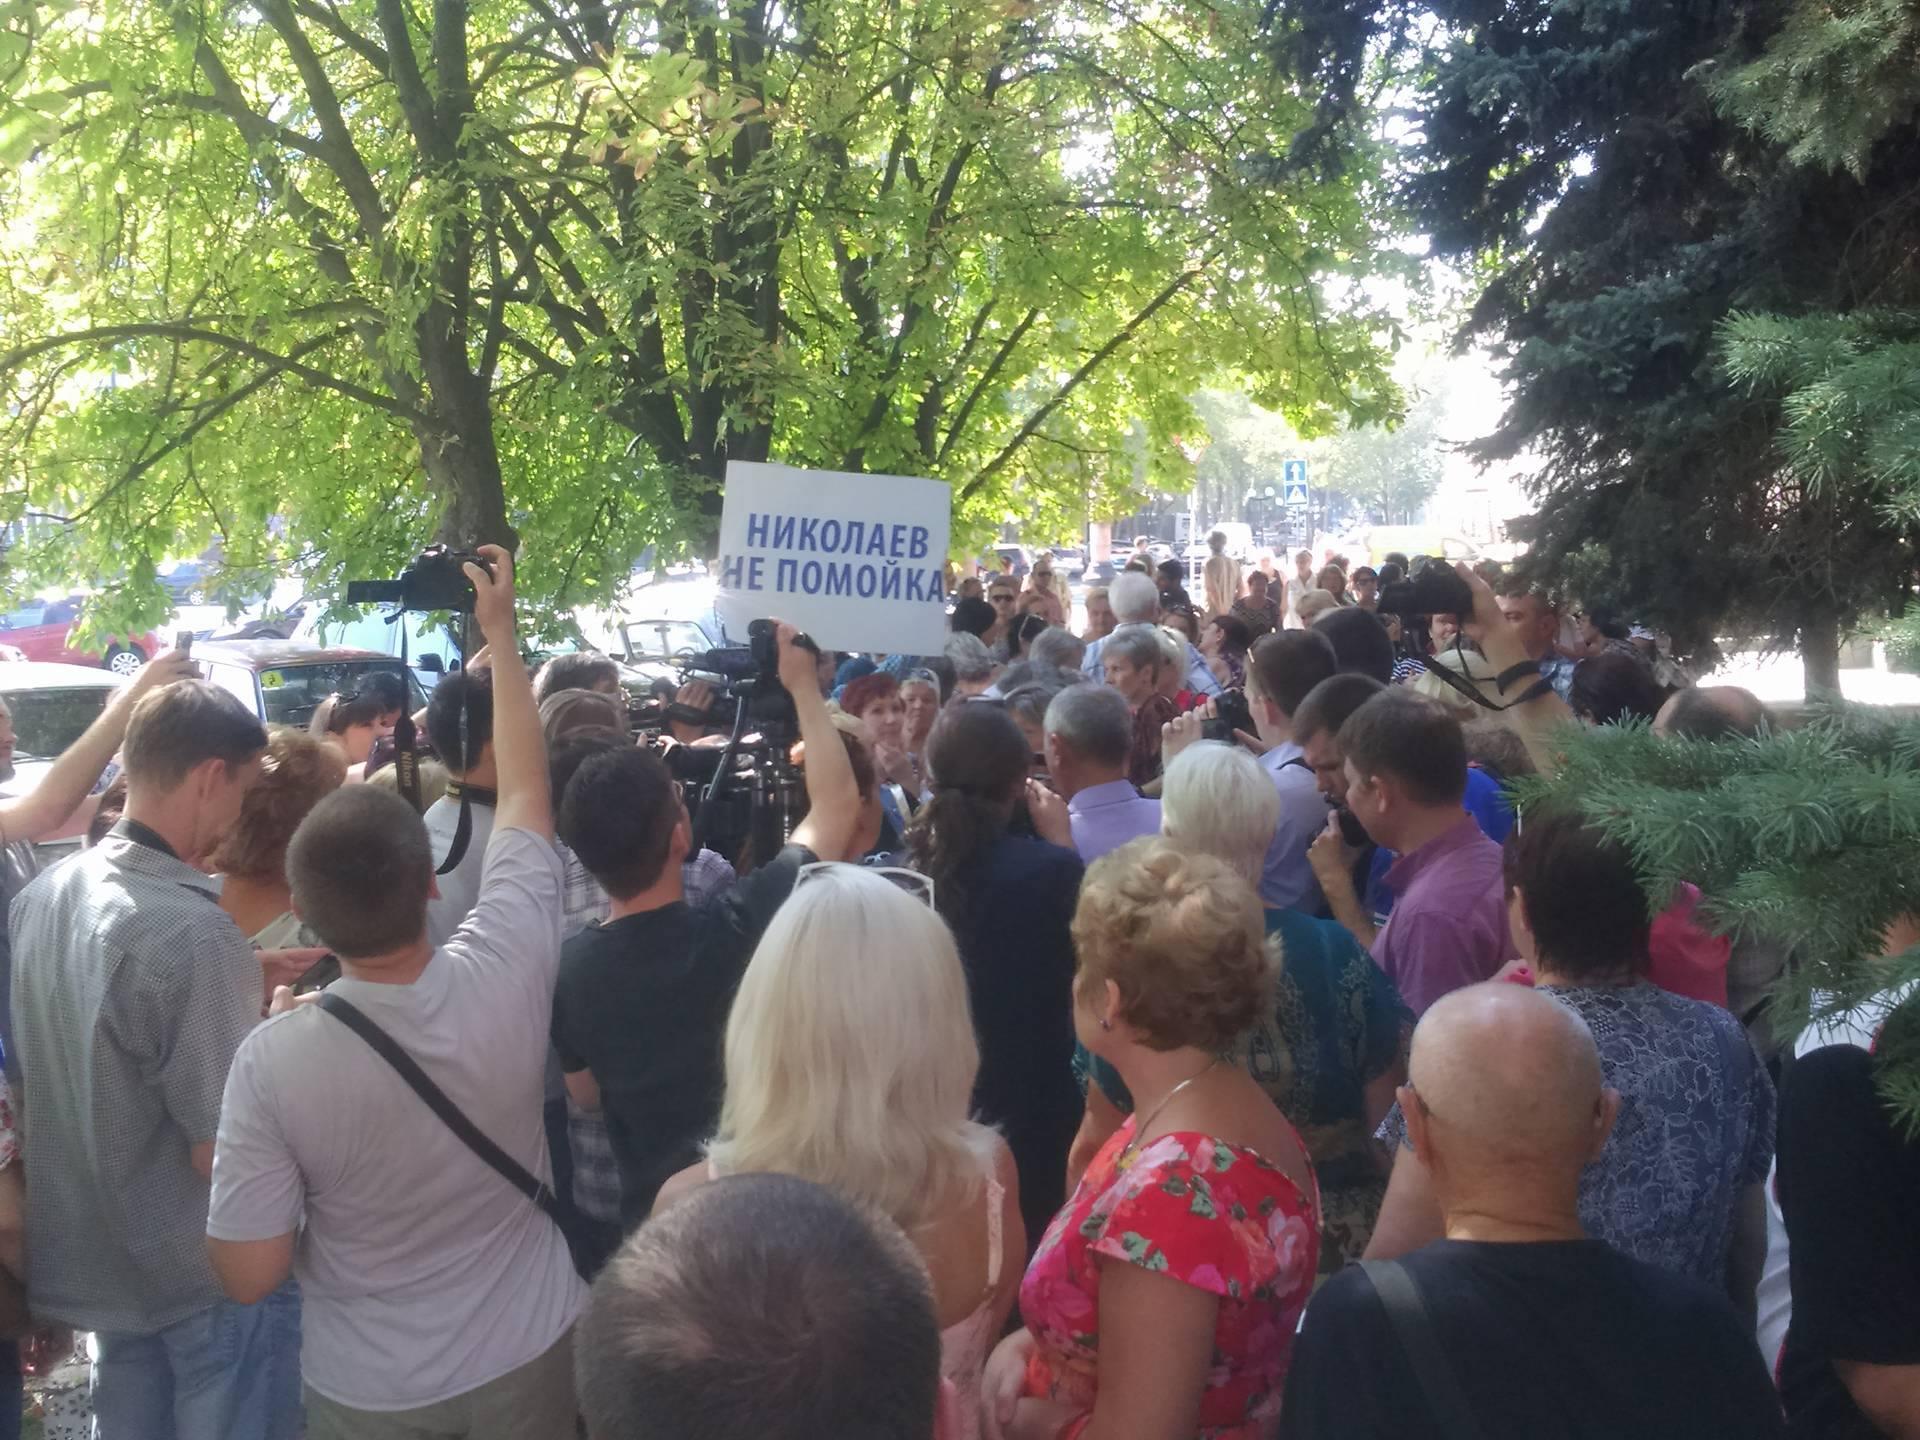 Миколаїв не смітник: городяни пікетують міськраду проти львівських відходів - фото 3